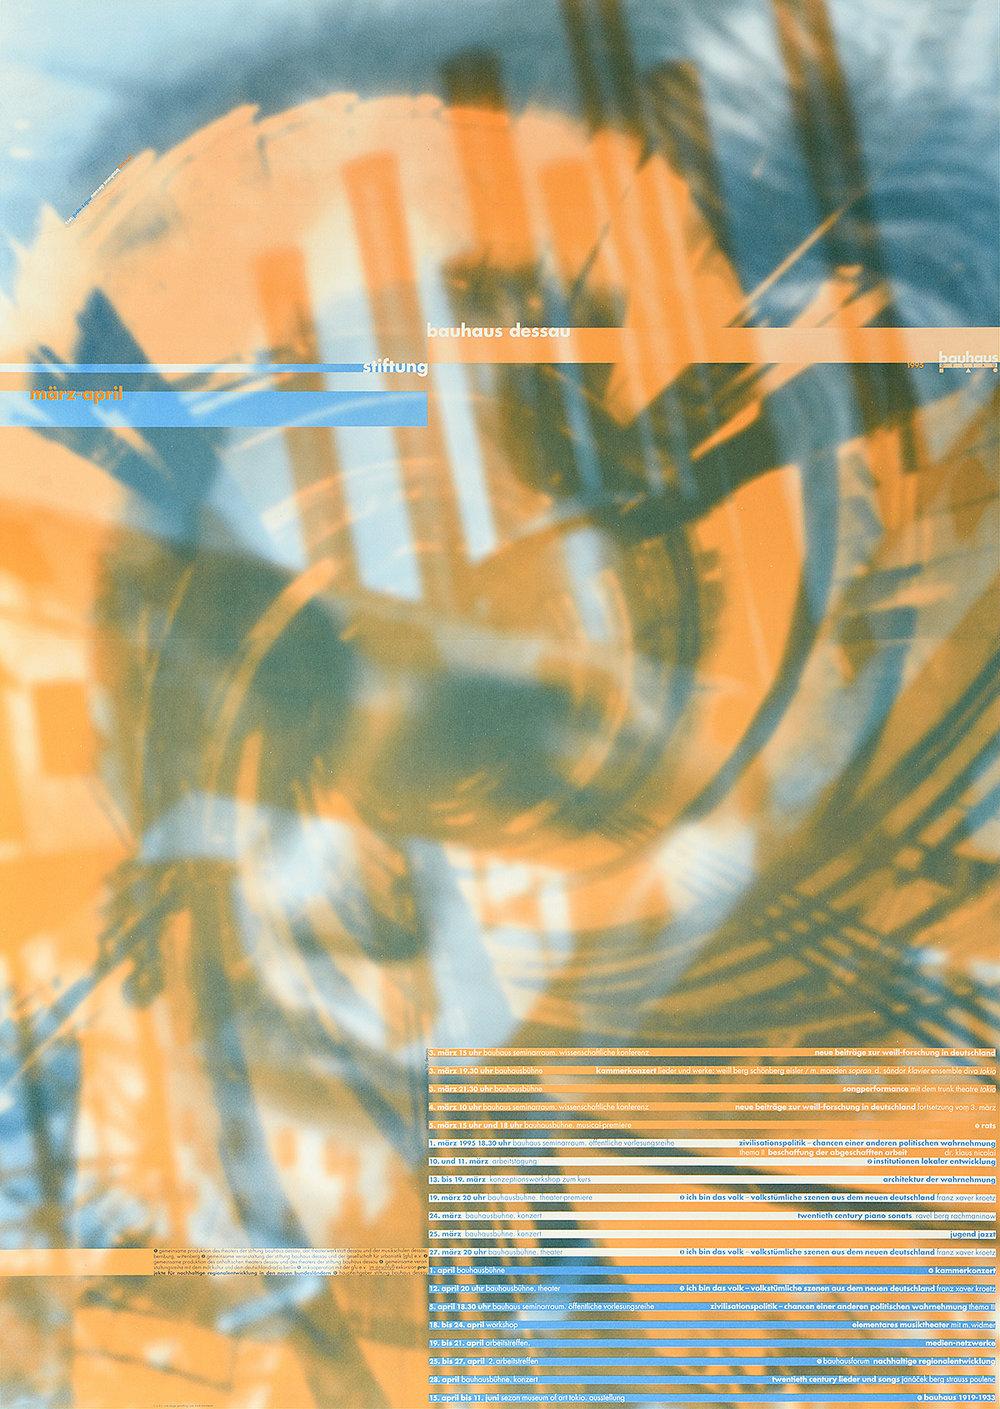 Bauhaus Program März April, 1995